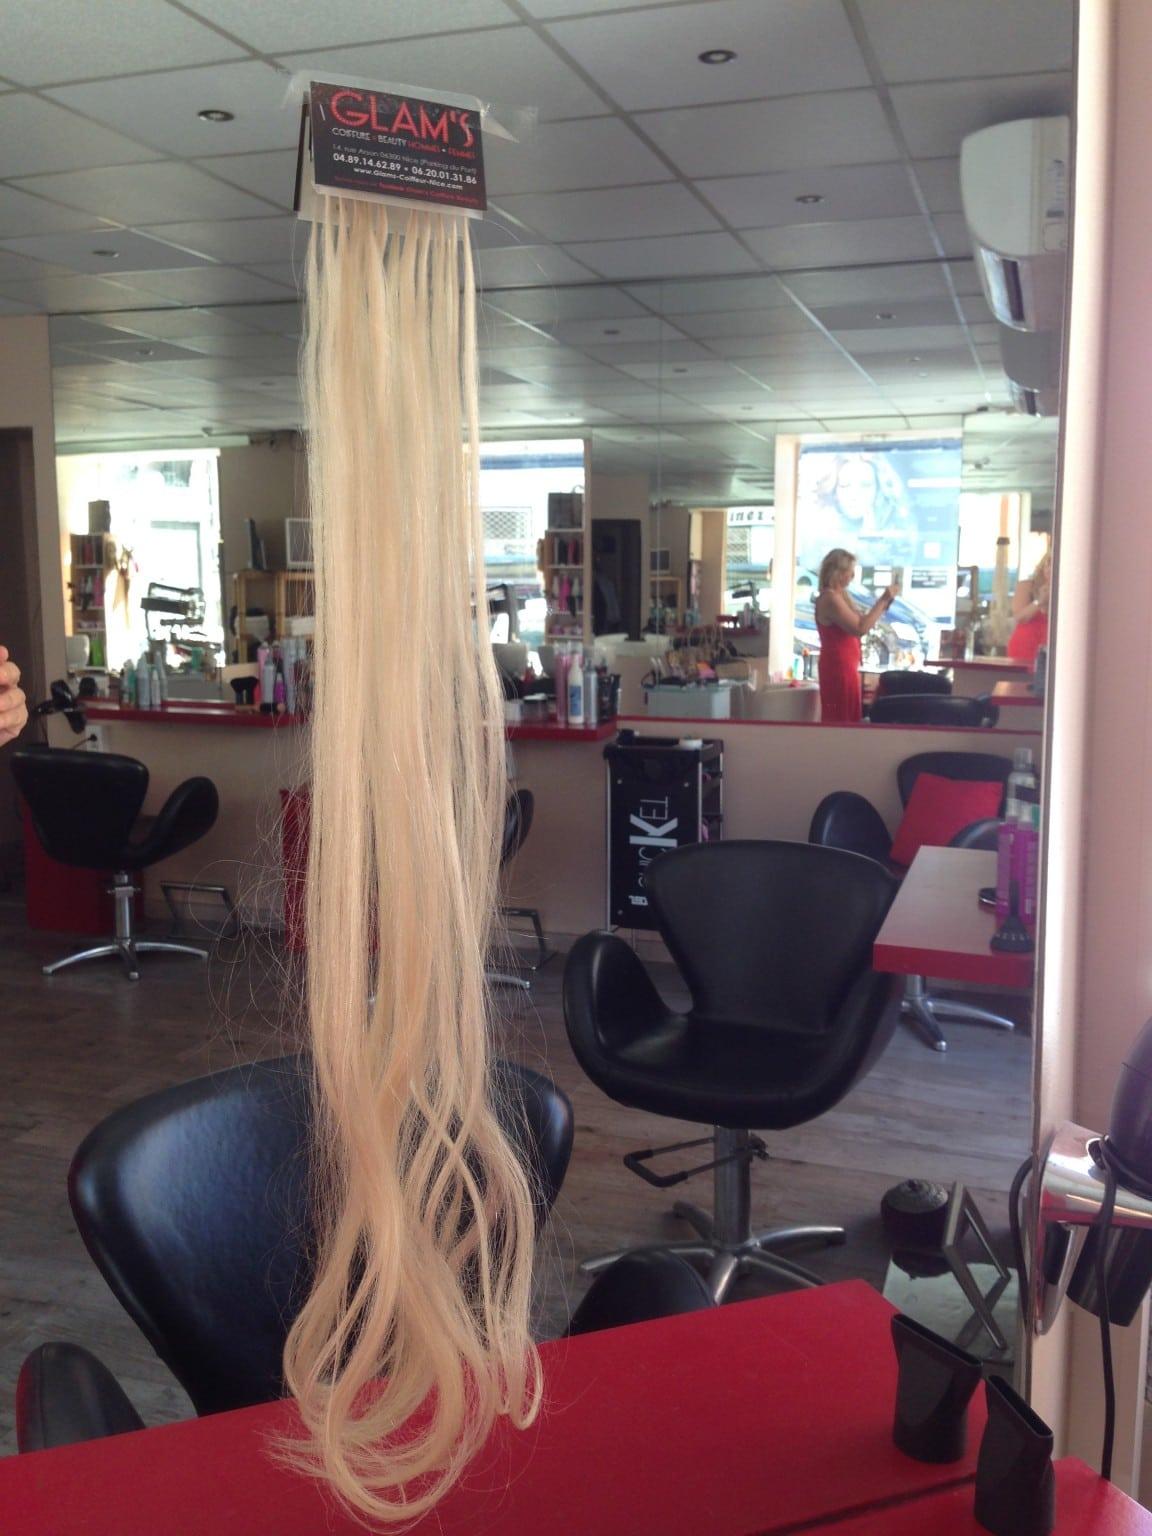 extensions de cheveux à Nice, cheveux russe 70cm salon glam's Nice